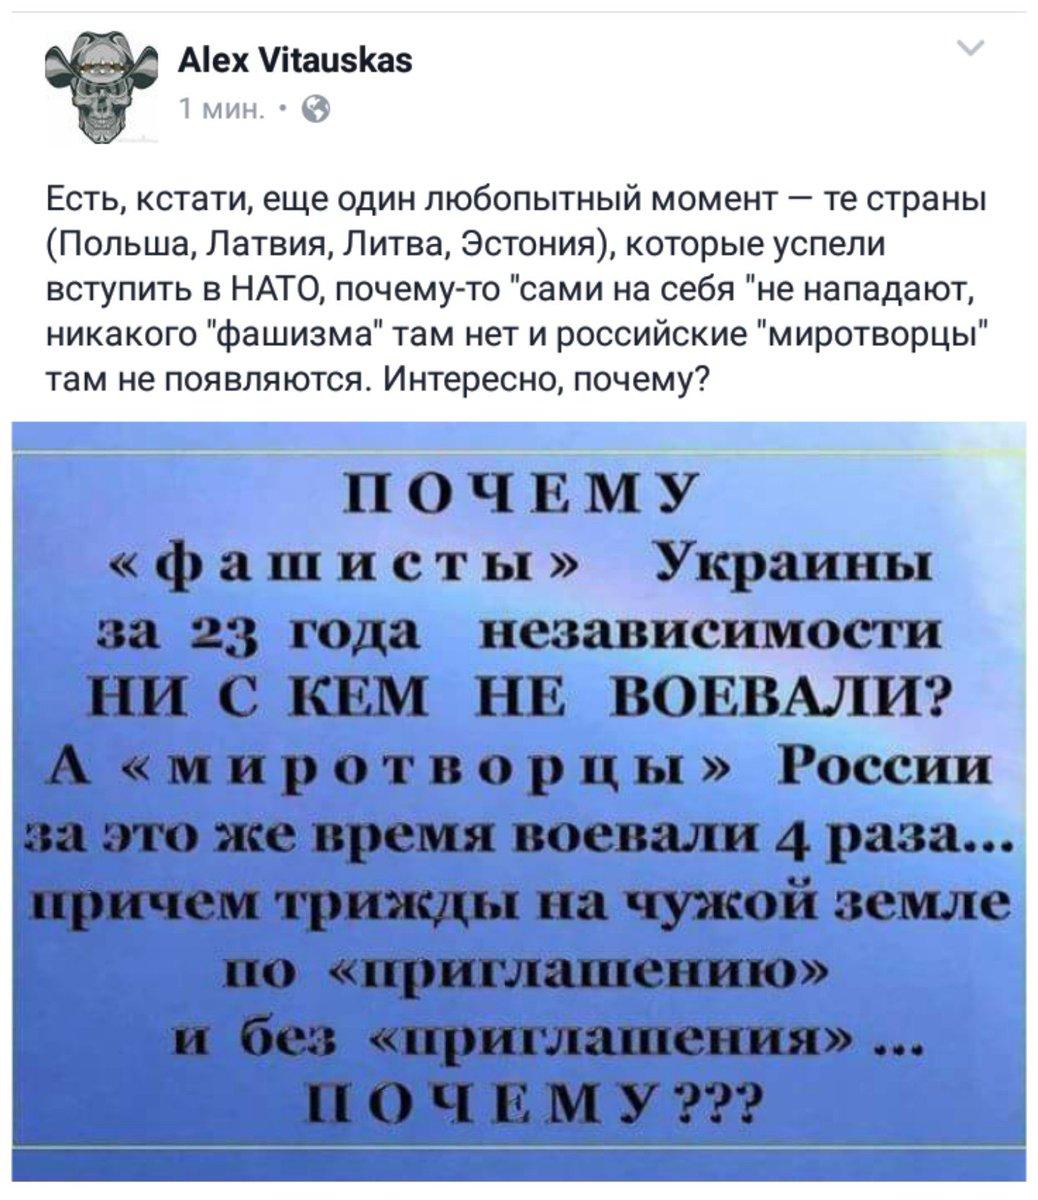 Оснований для снятия санкций с России пока нет, - глава МИД Германии - Цензор.НЕТ 9655